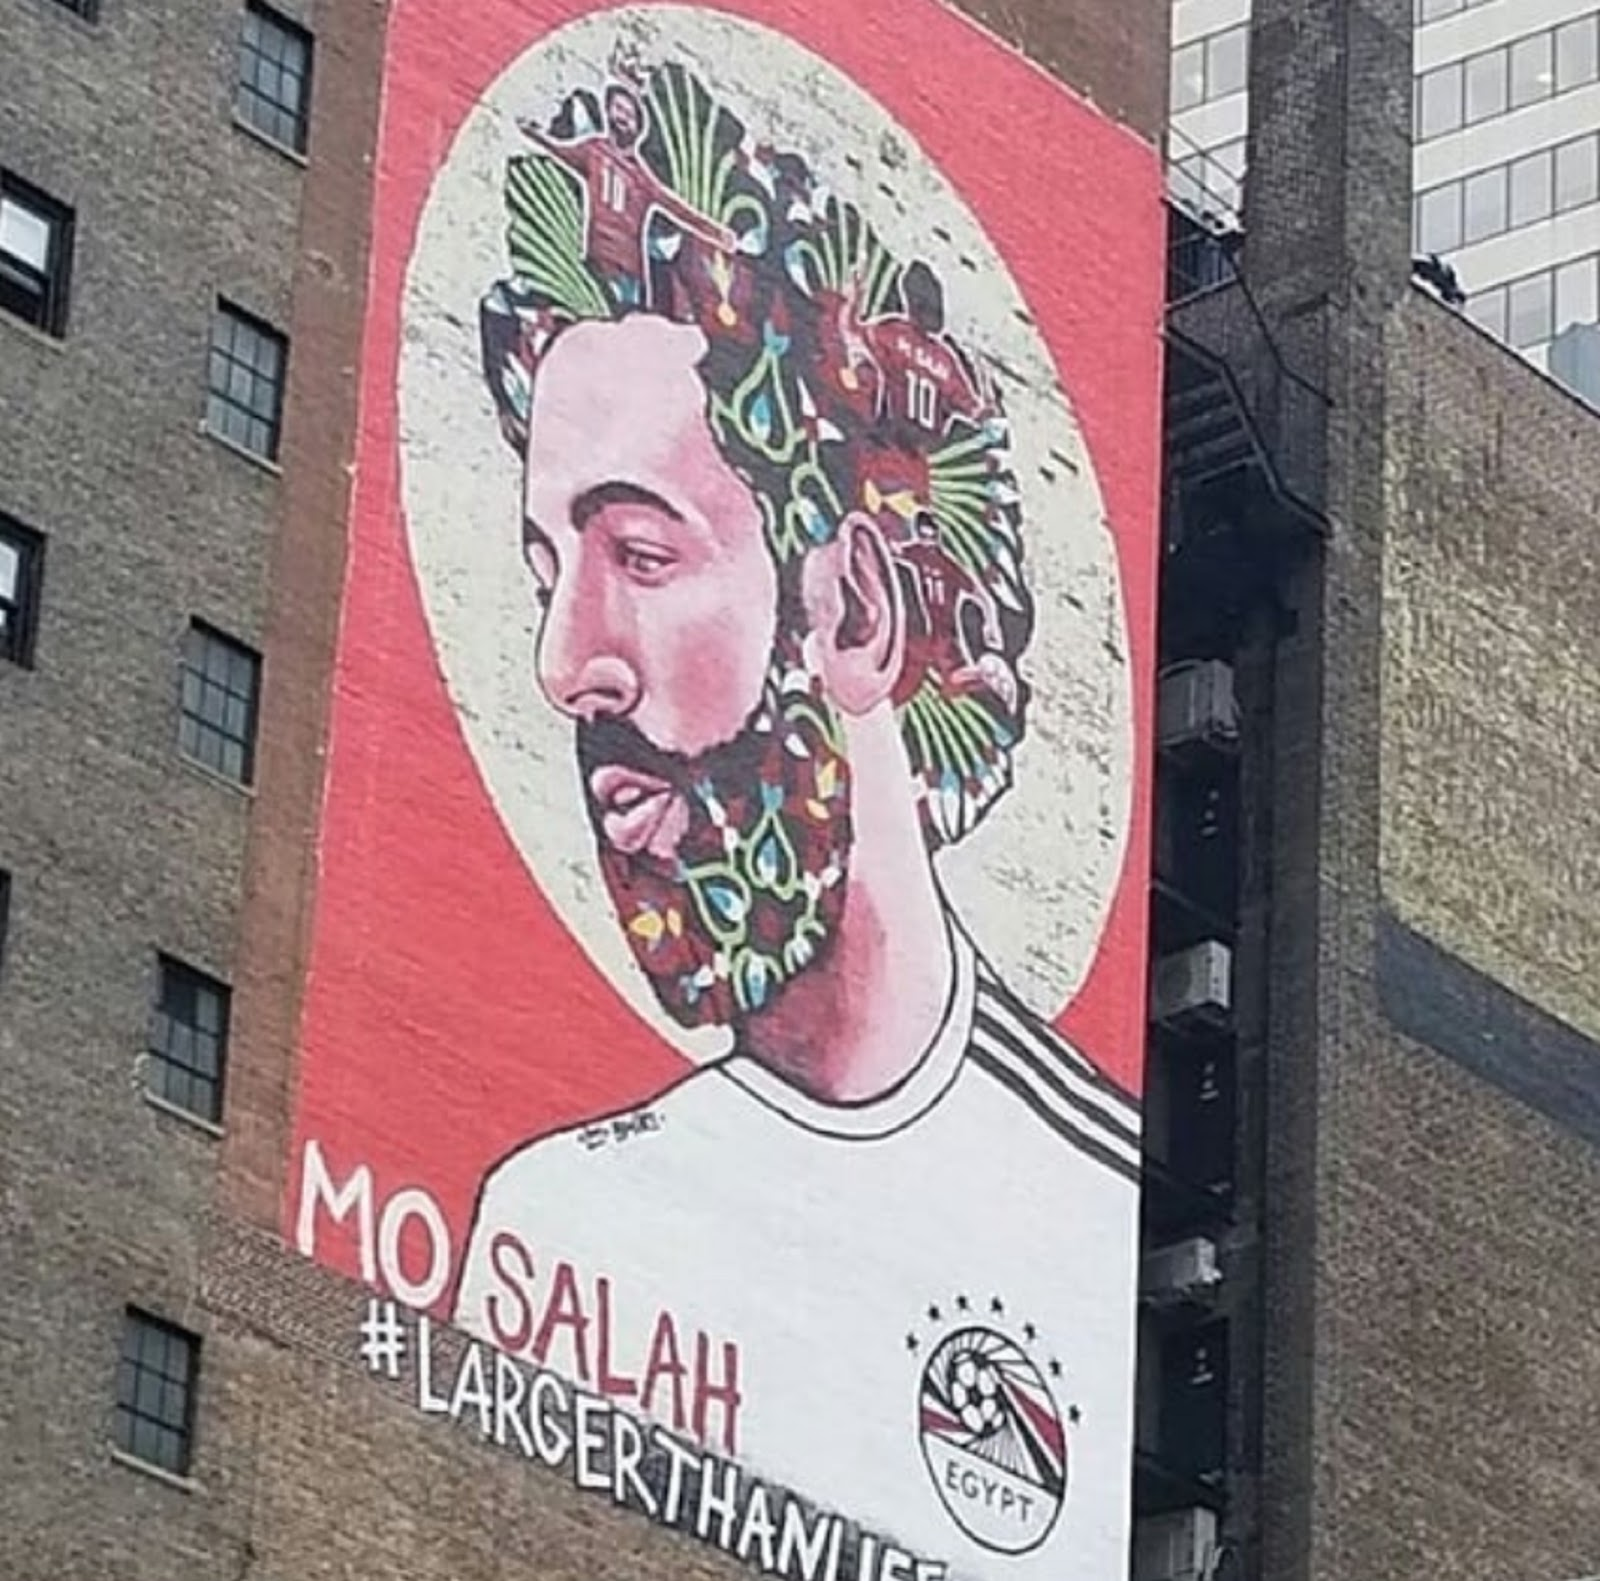 MO SALAH 5